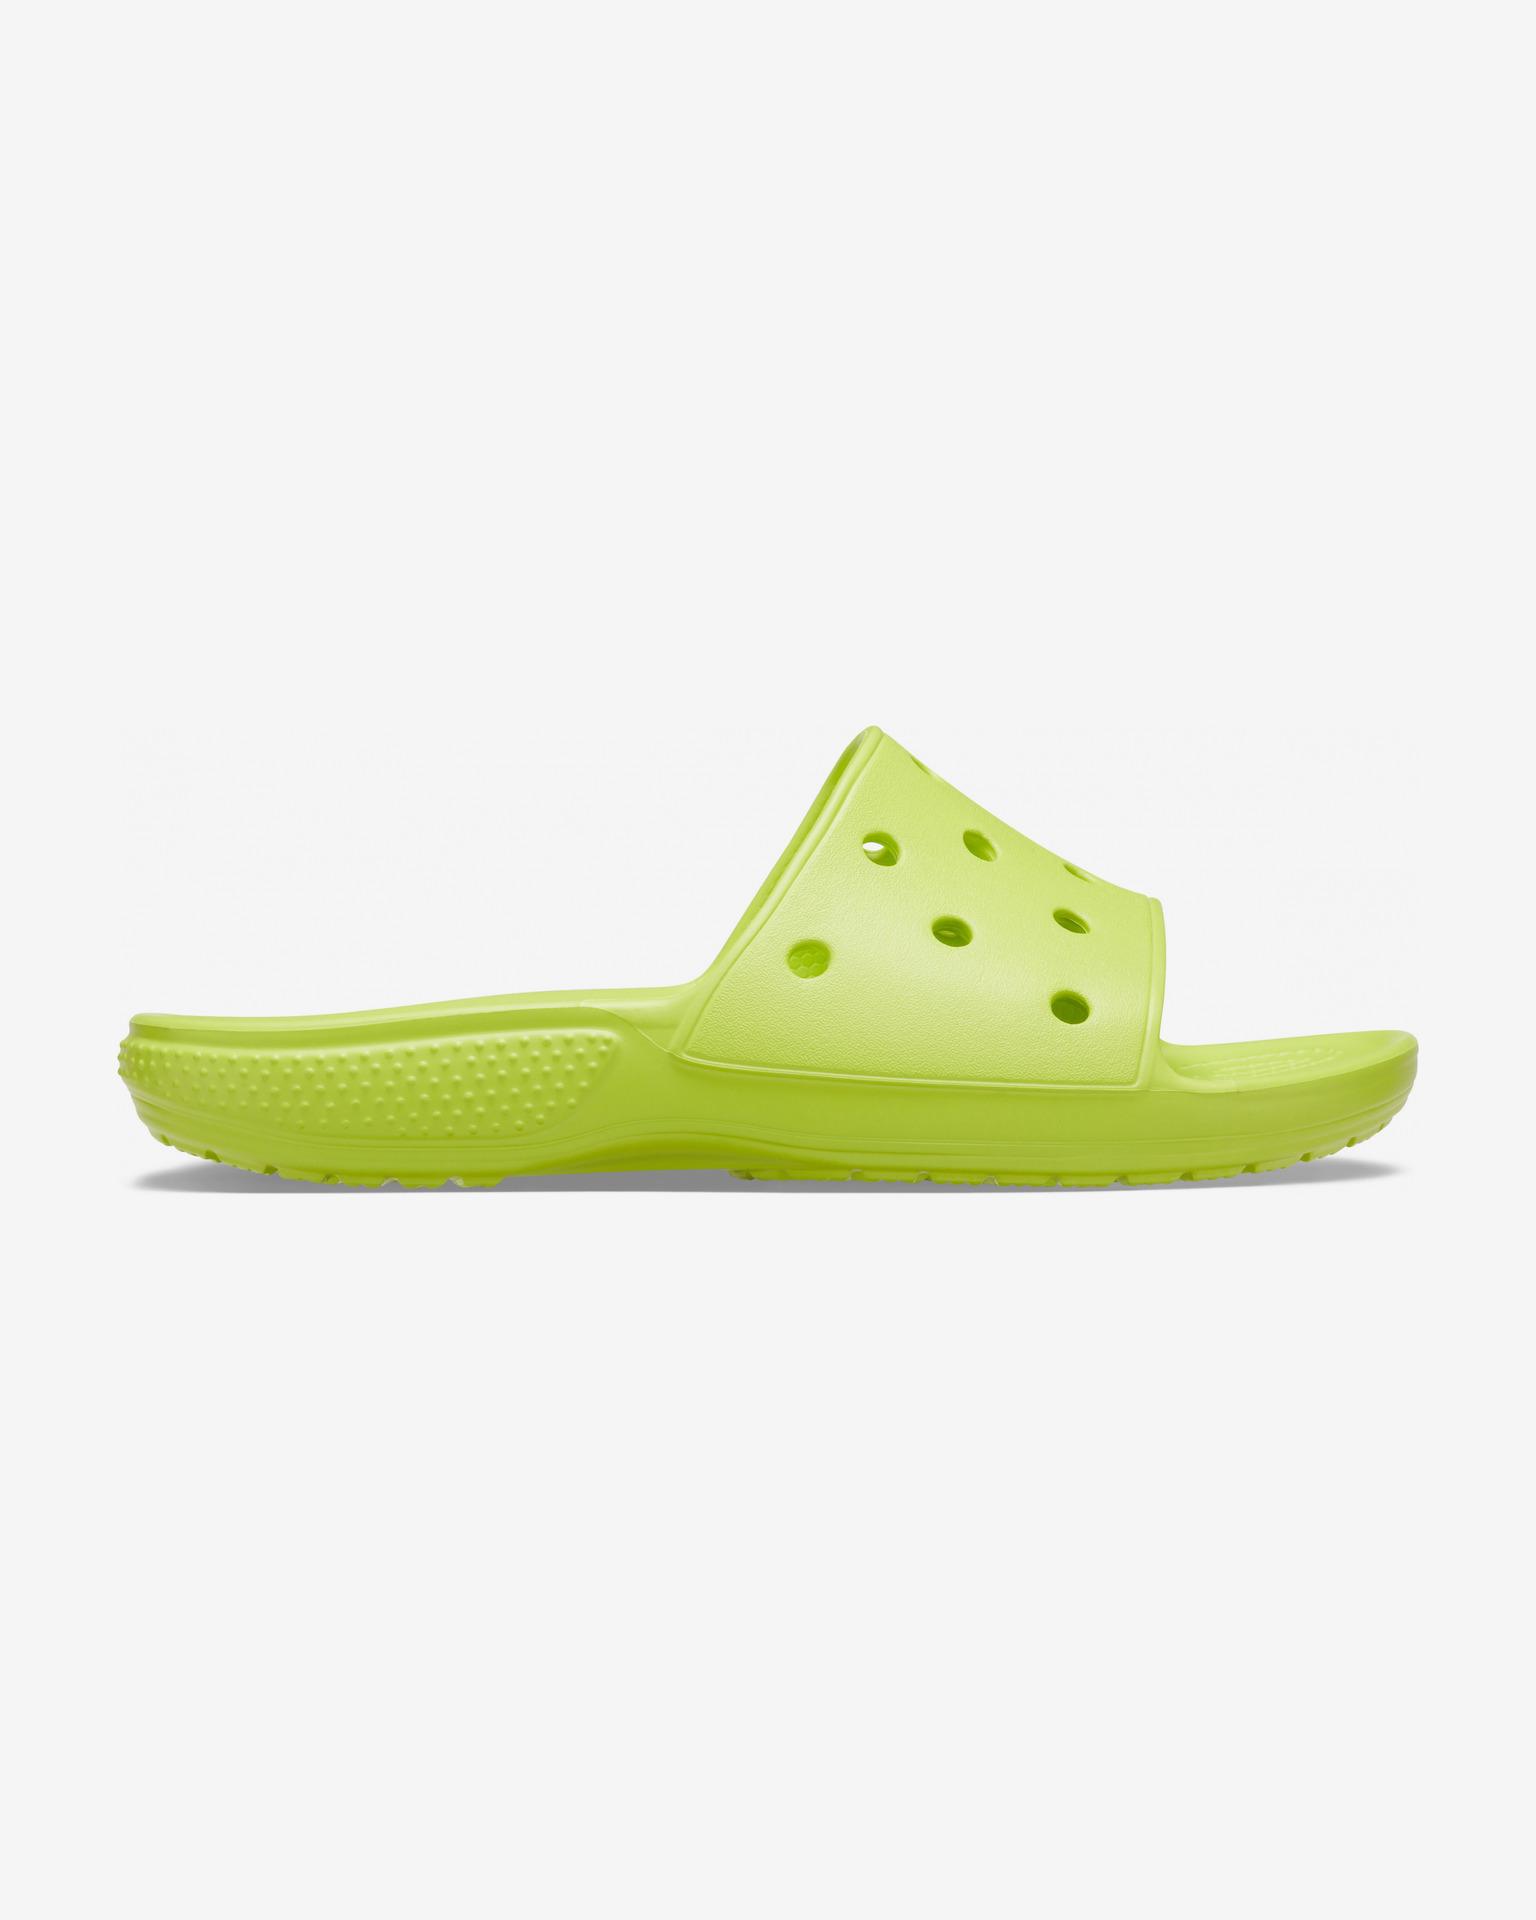 Crocs Classic Šľapky Zelená Žltá - 42-43